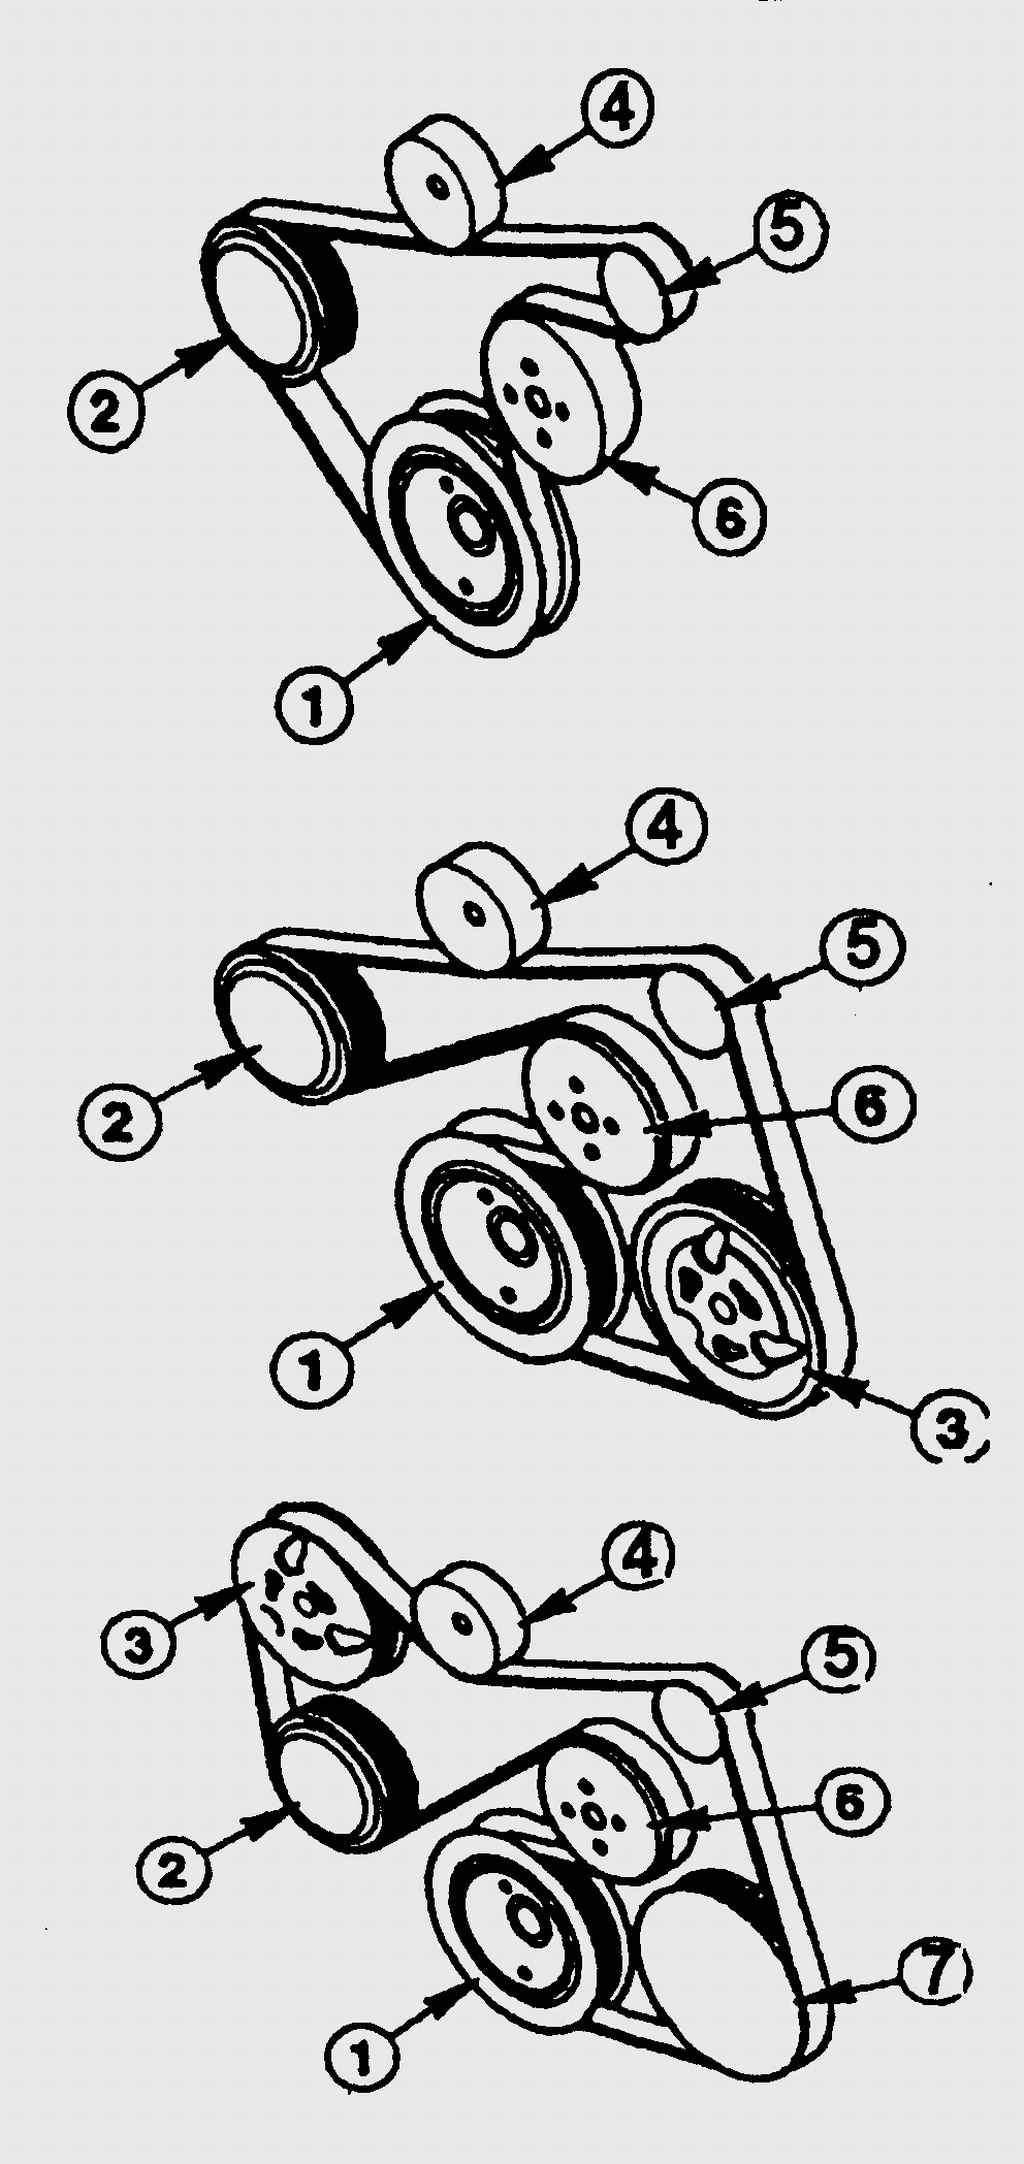 Ремень генератора на форд транзит 25 фотография